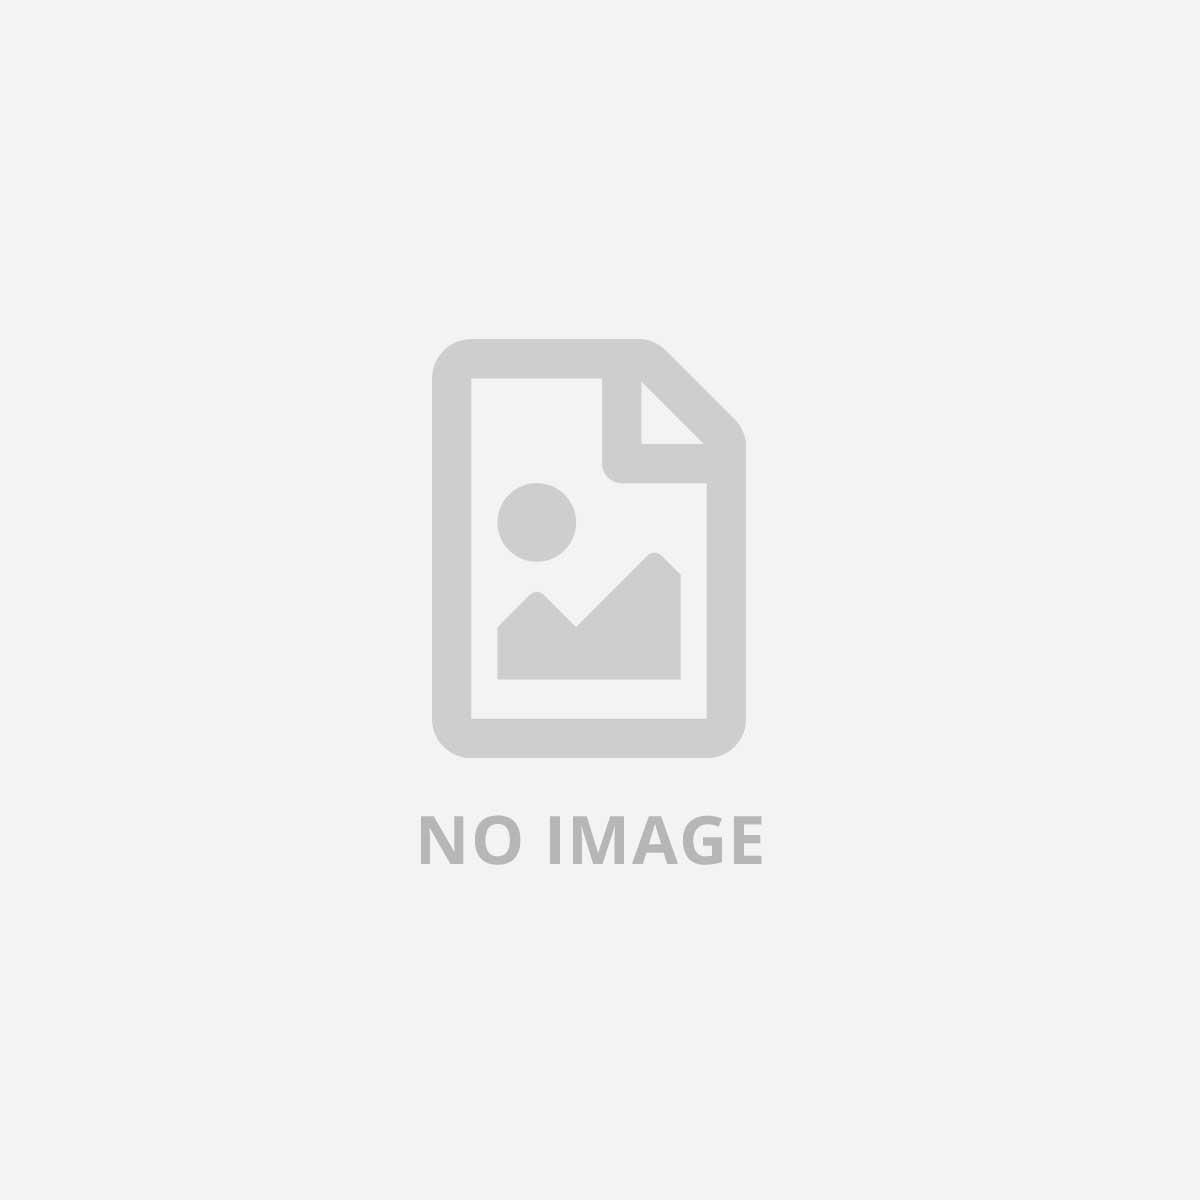 EPSON PREMIUM SEMIGLOSS PHOTO PAPER 25FG